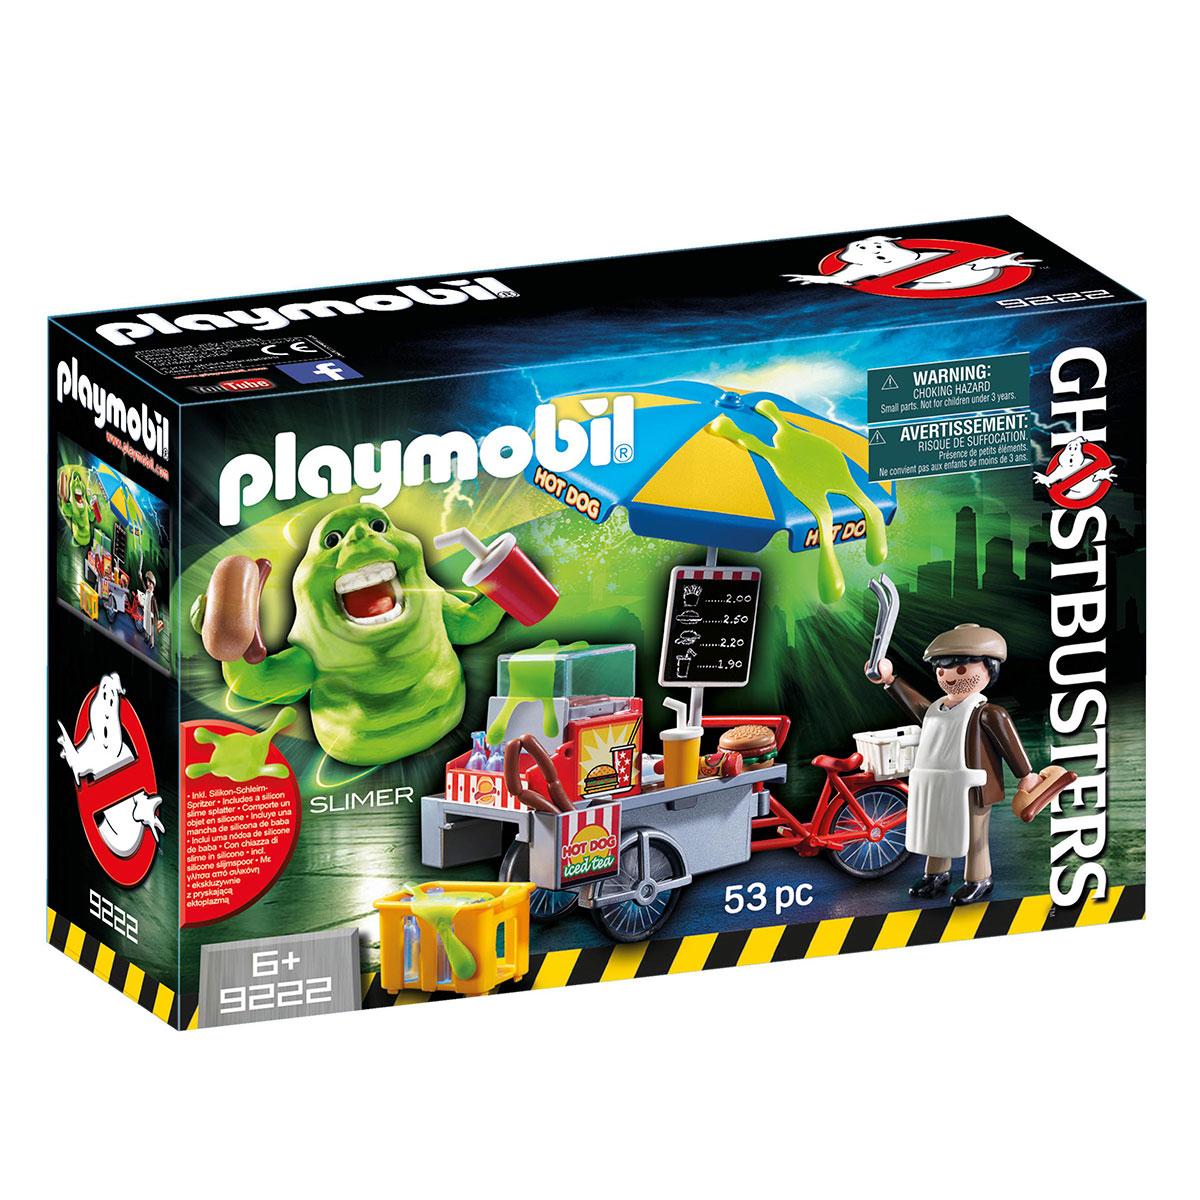 Billede af Playmobil Ghostbusters - Slimer med pølsebod